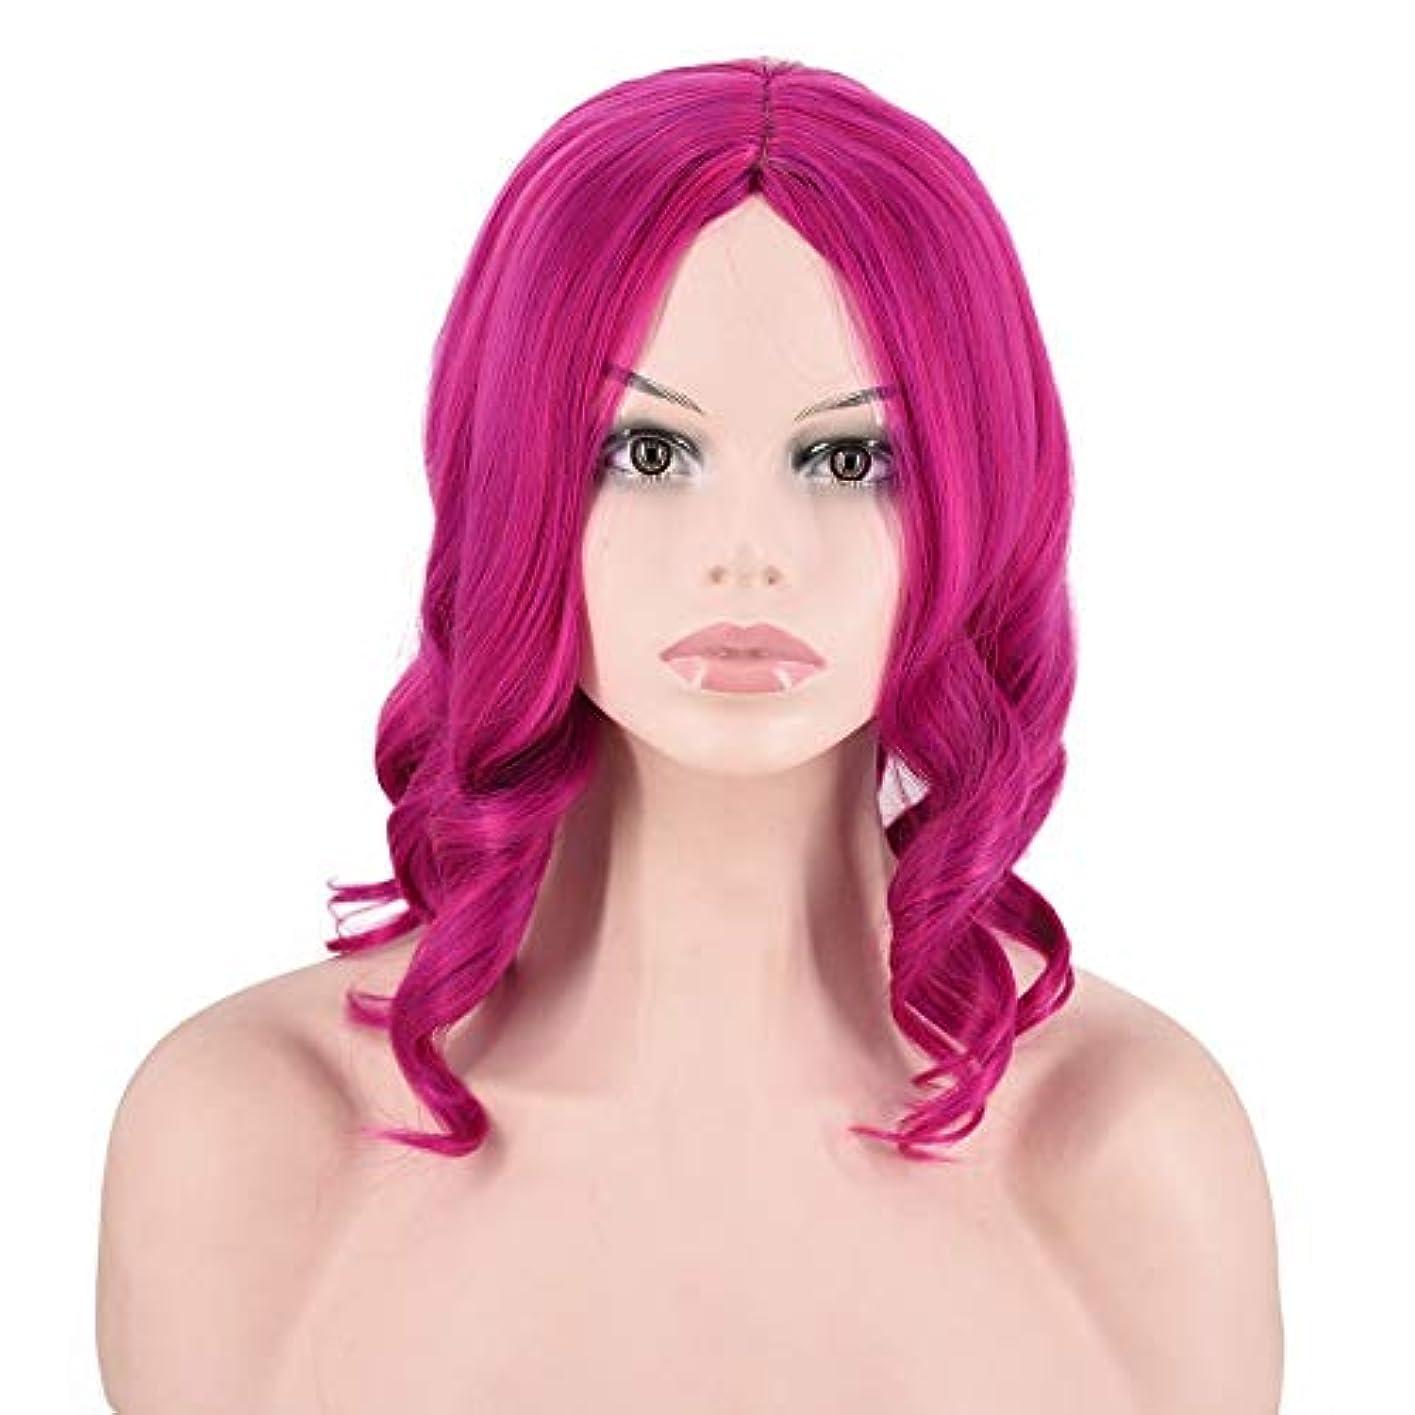 良さ流出落花生YOUQIU 女性のファッションの毎日髪のかつらのためにローズレッドコスプレウィッグカーリーボブヘアーウェーブスタイル (色 : Photo Color)